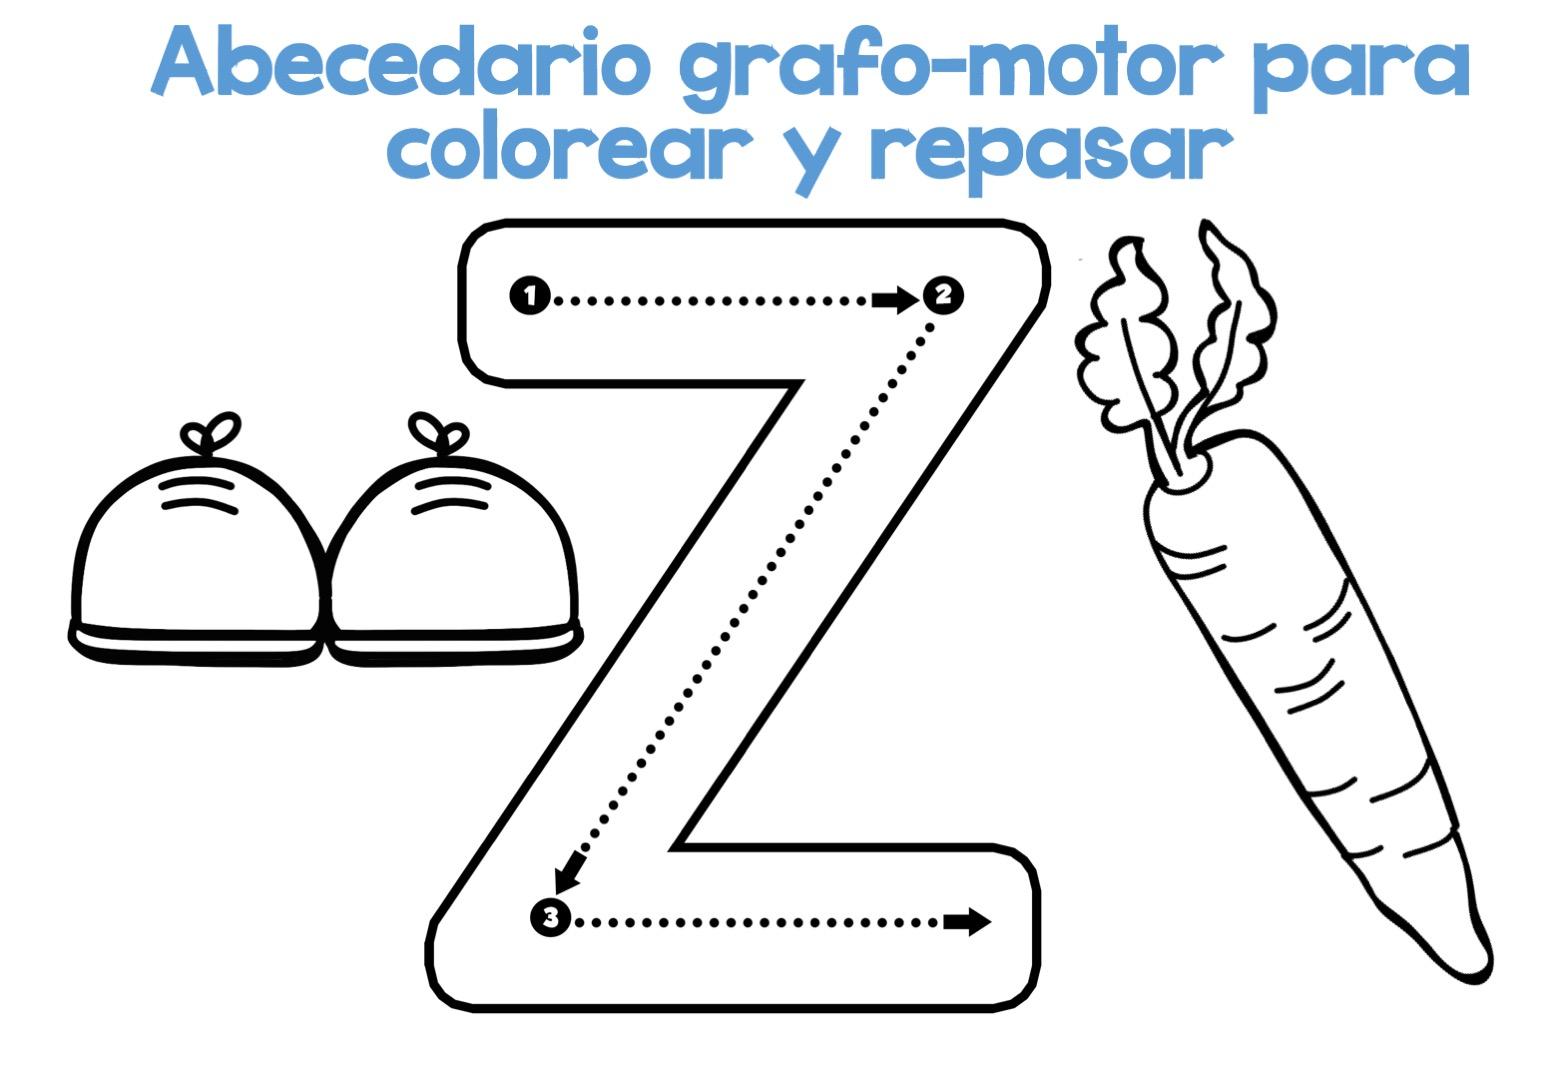 Loteria Del Abecedario in addition Abecedario En Ingles moreover pleto Abecedario Grafo Motor Para Colorear Y Repasar together with Hqdefault as well Maxresdefault. on abecedario ingles